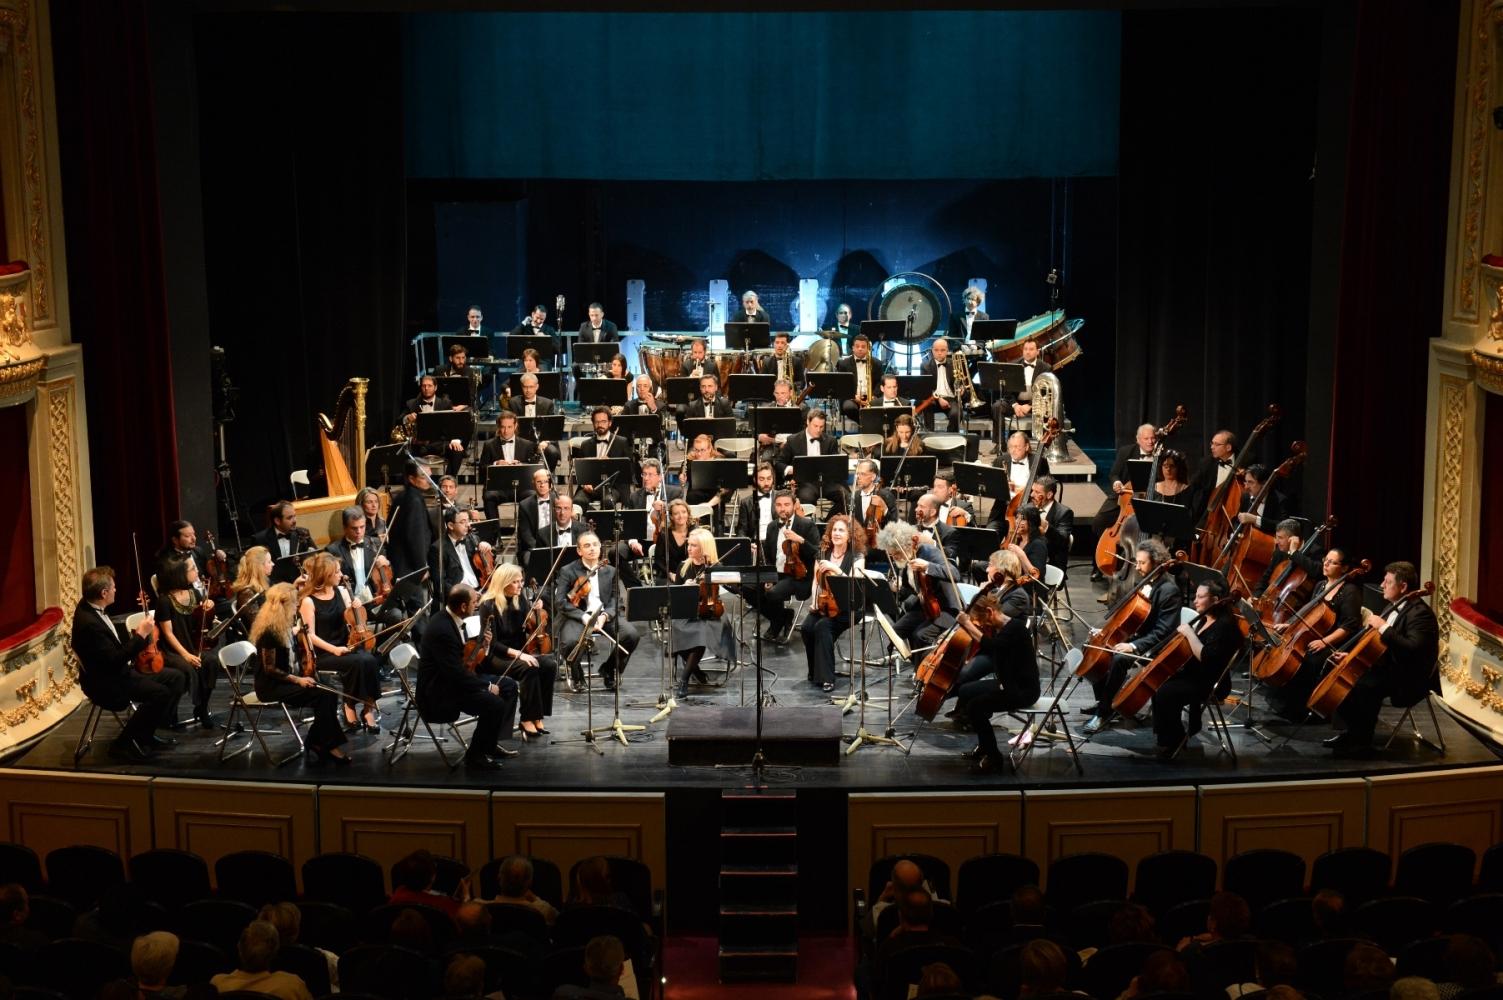 Εθνική Συμφωνική Ορχήστρα